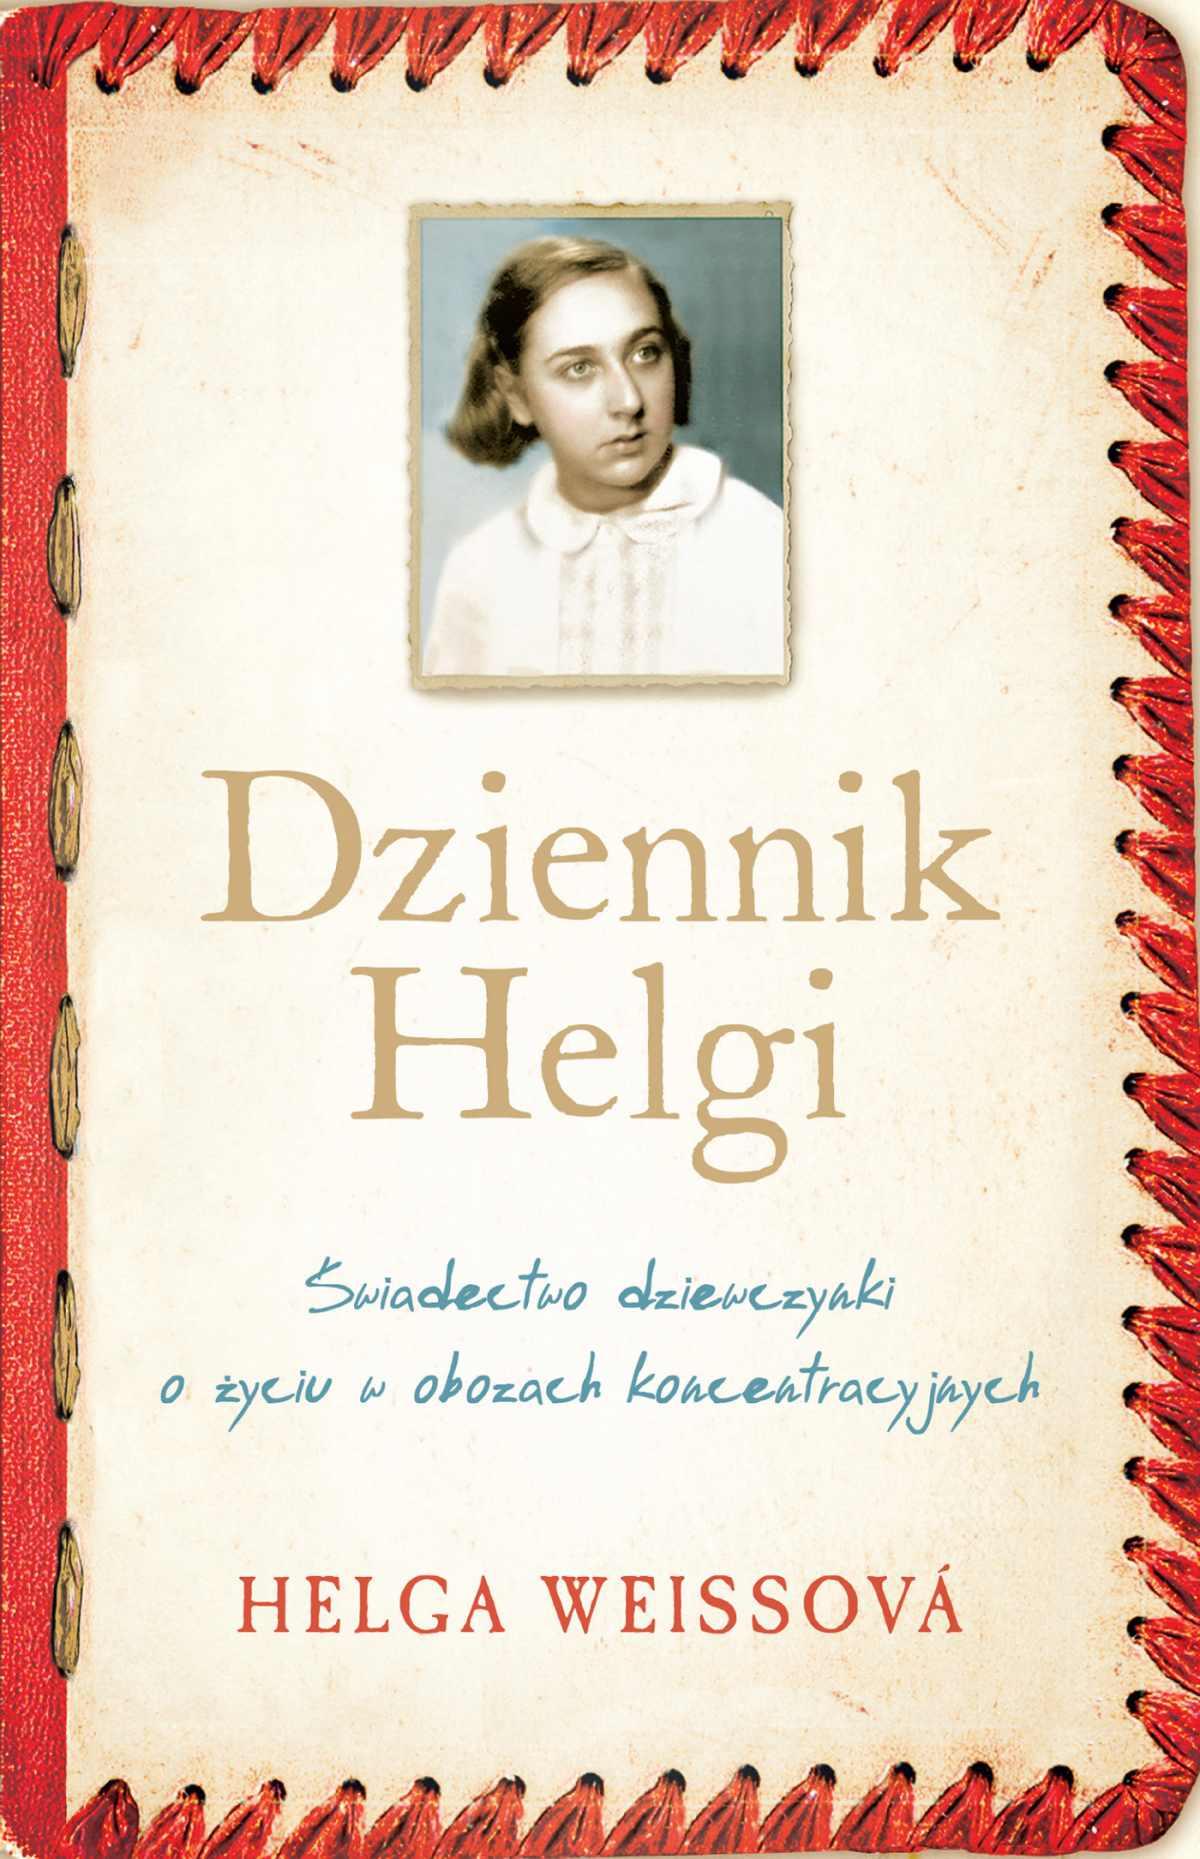 Dziennik Helgi - Ebook (Książka EPUB) do pobrania w formacie EPUB